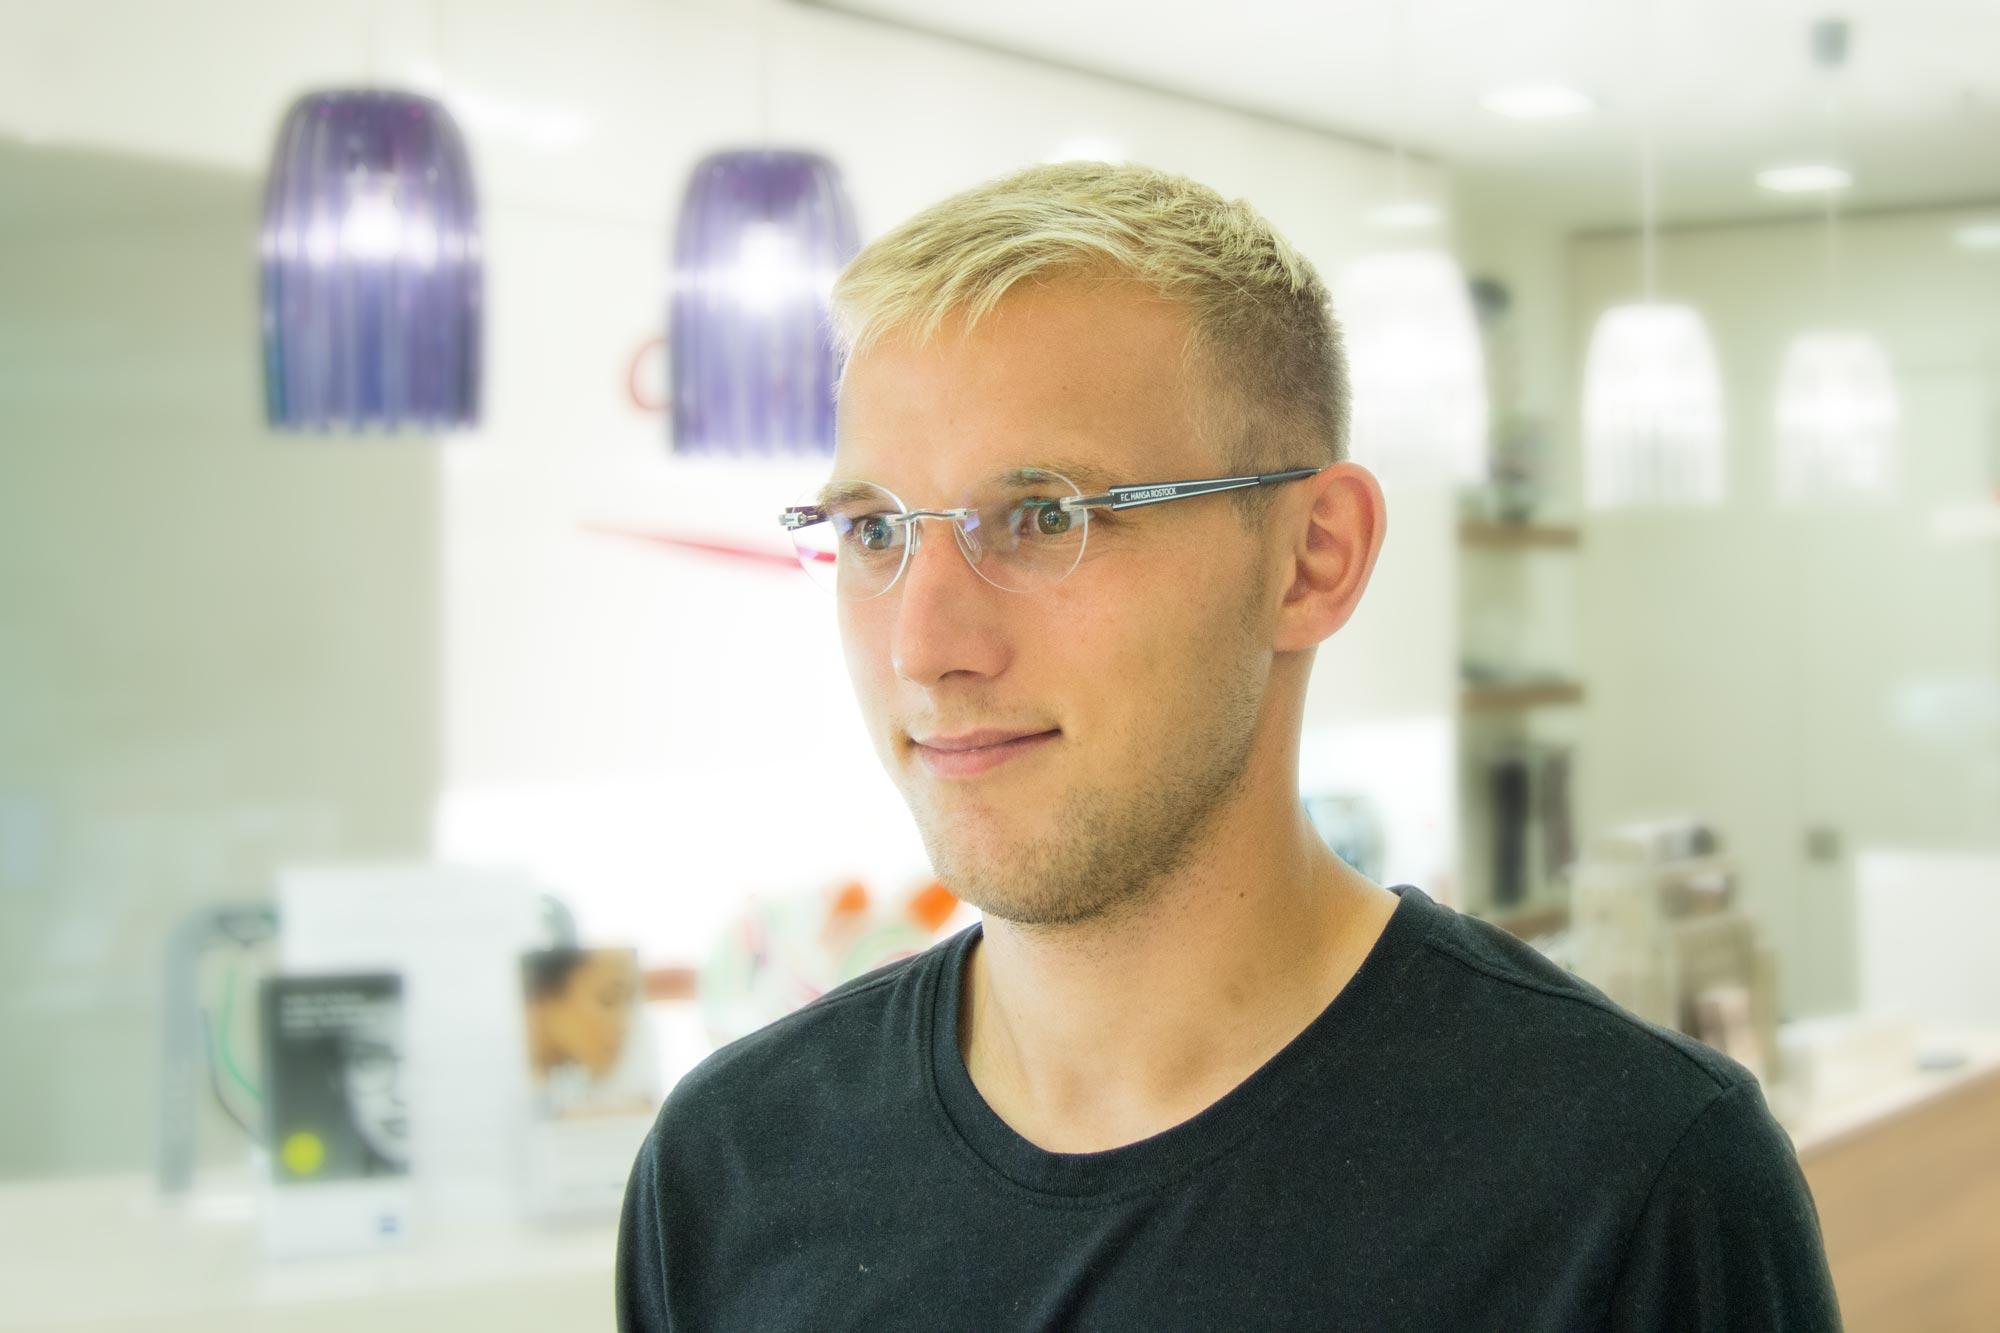 Fußballprofi des FC Hansa Rostock Stefan Wannenwetsch mit der offiziellen Switchit Hansabrille bei Optik Sagawe in Rostock